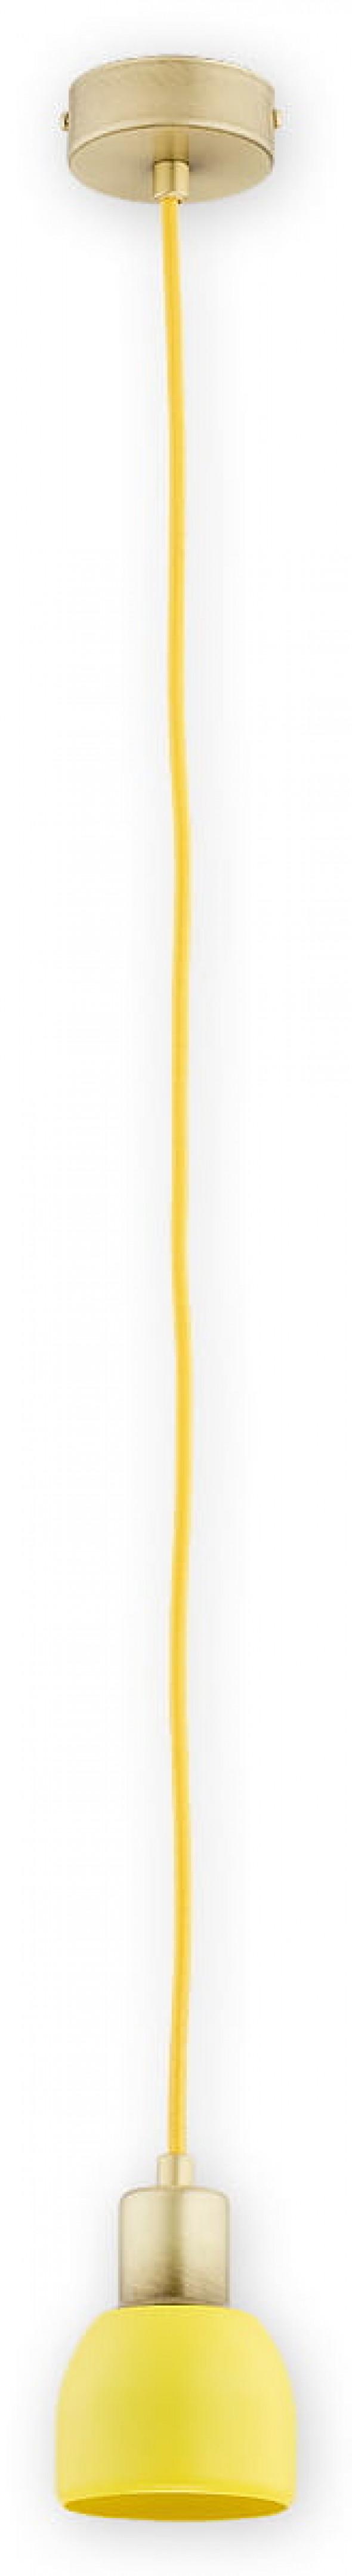 Piu zwis 1 pł. (na 1 przewód) / patyna + żółty